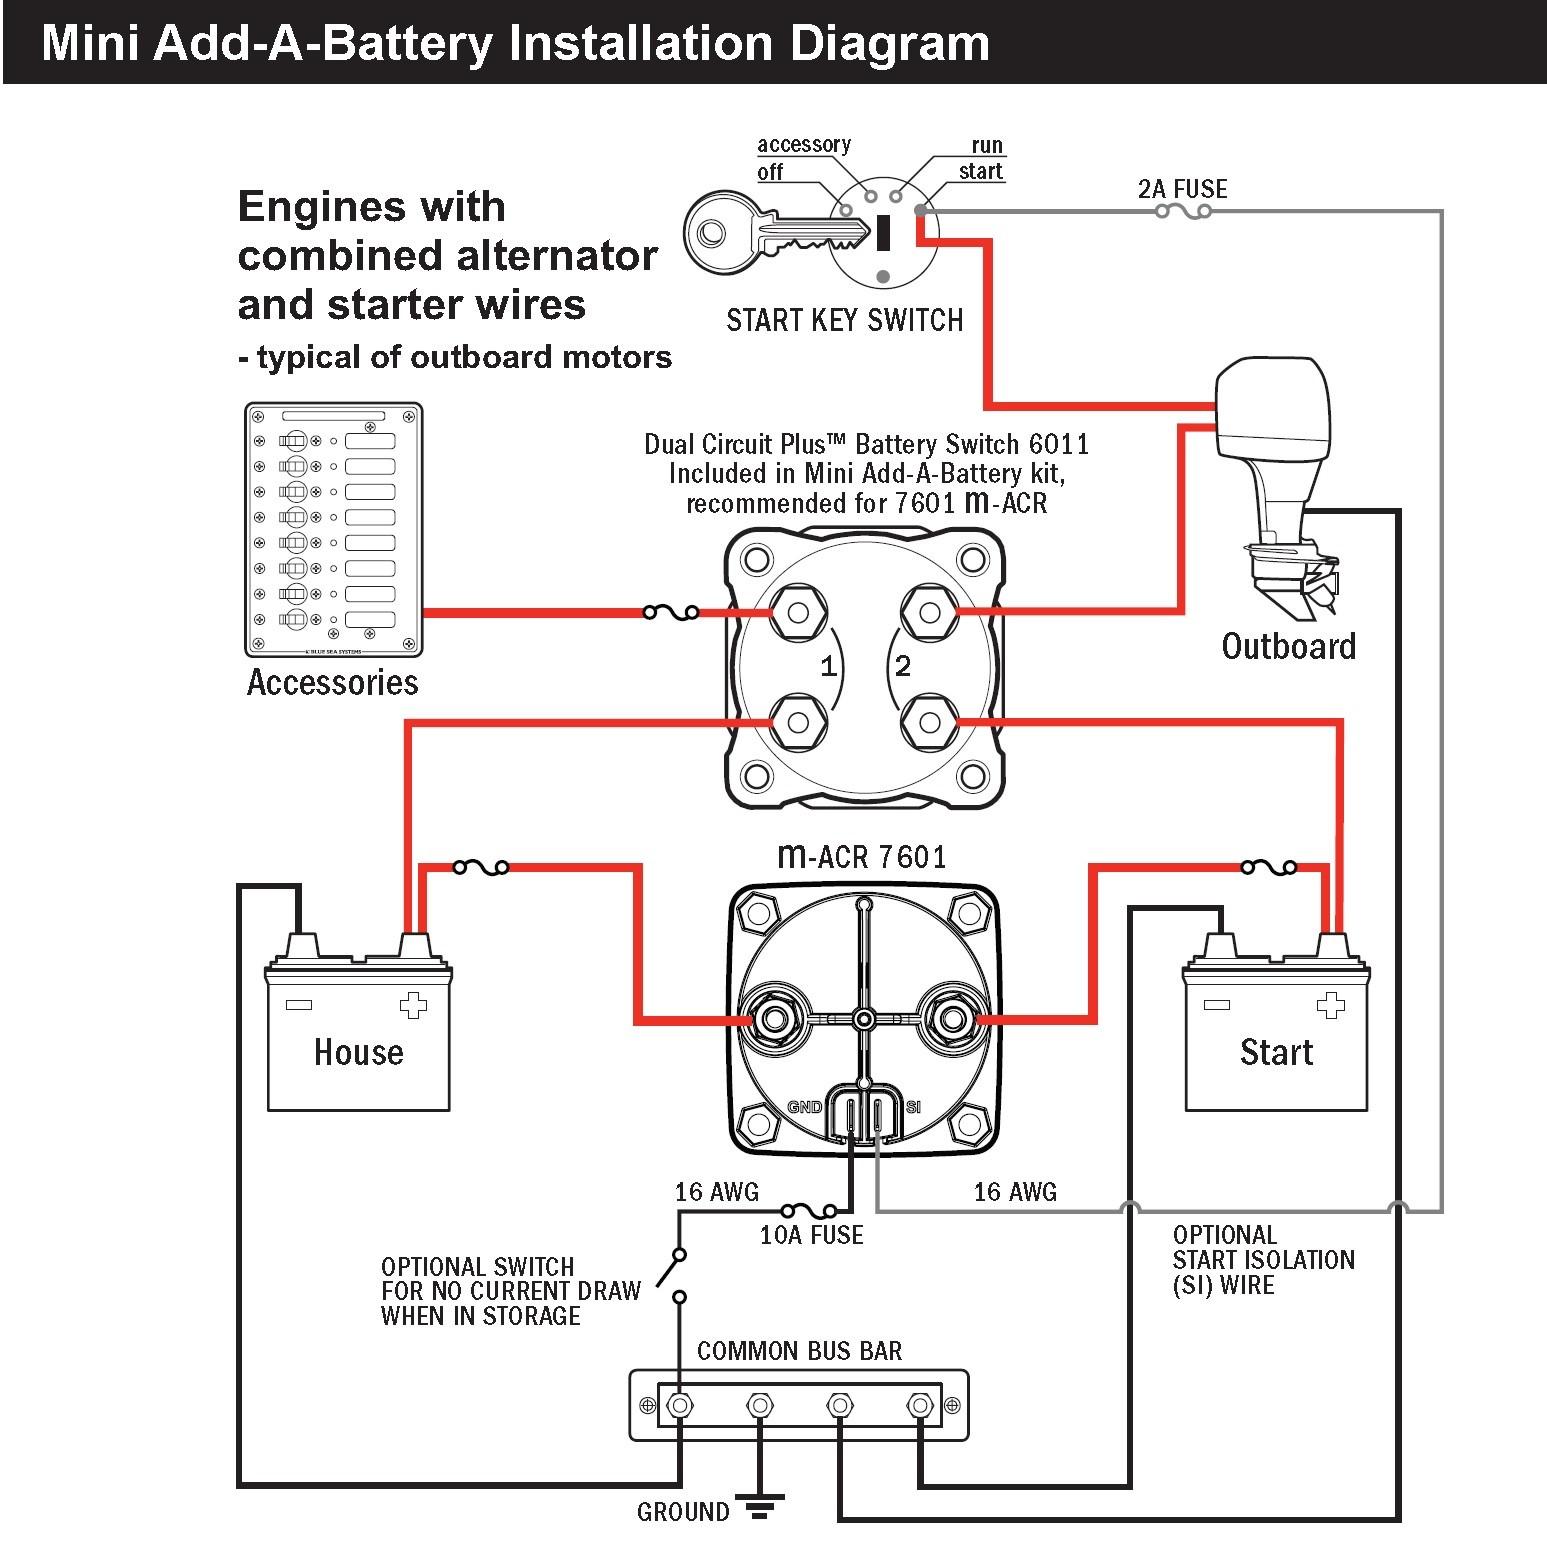 Wet Switch Wiring Diagram - Wiring Diagram And Schematics on